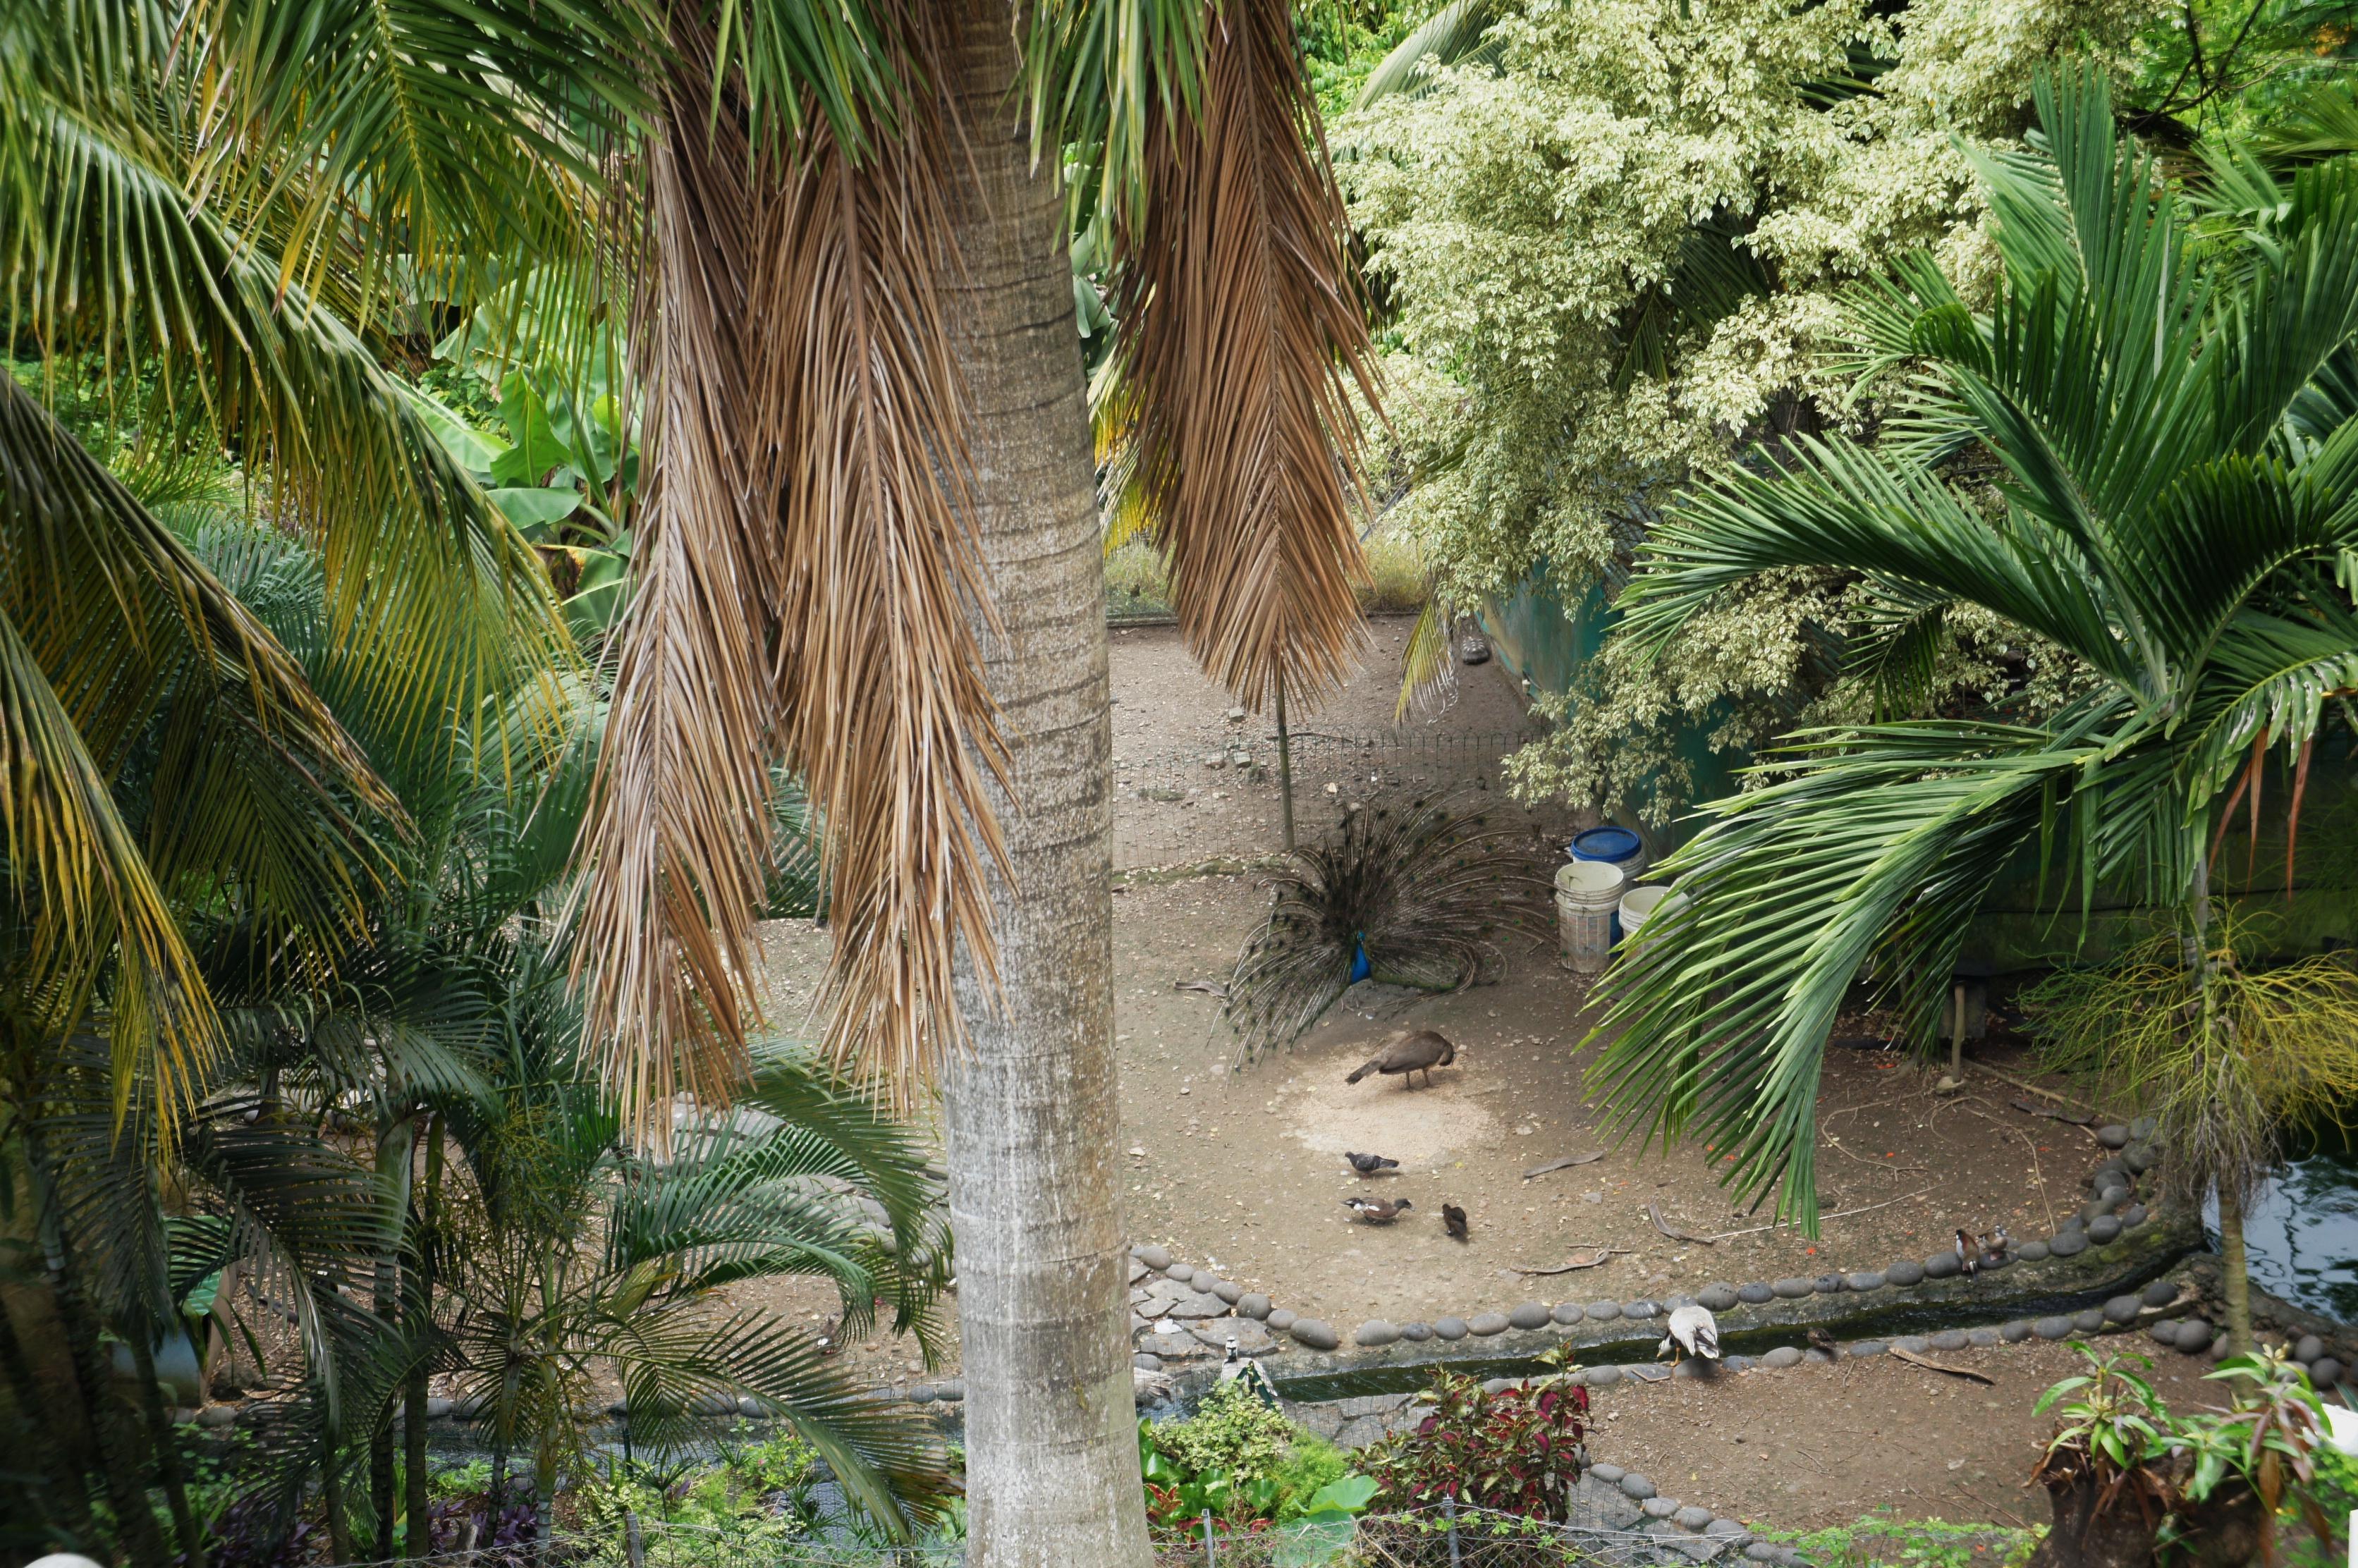 parc animalier de l'hotel